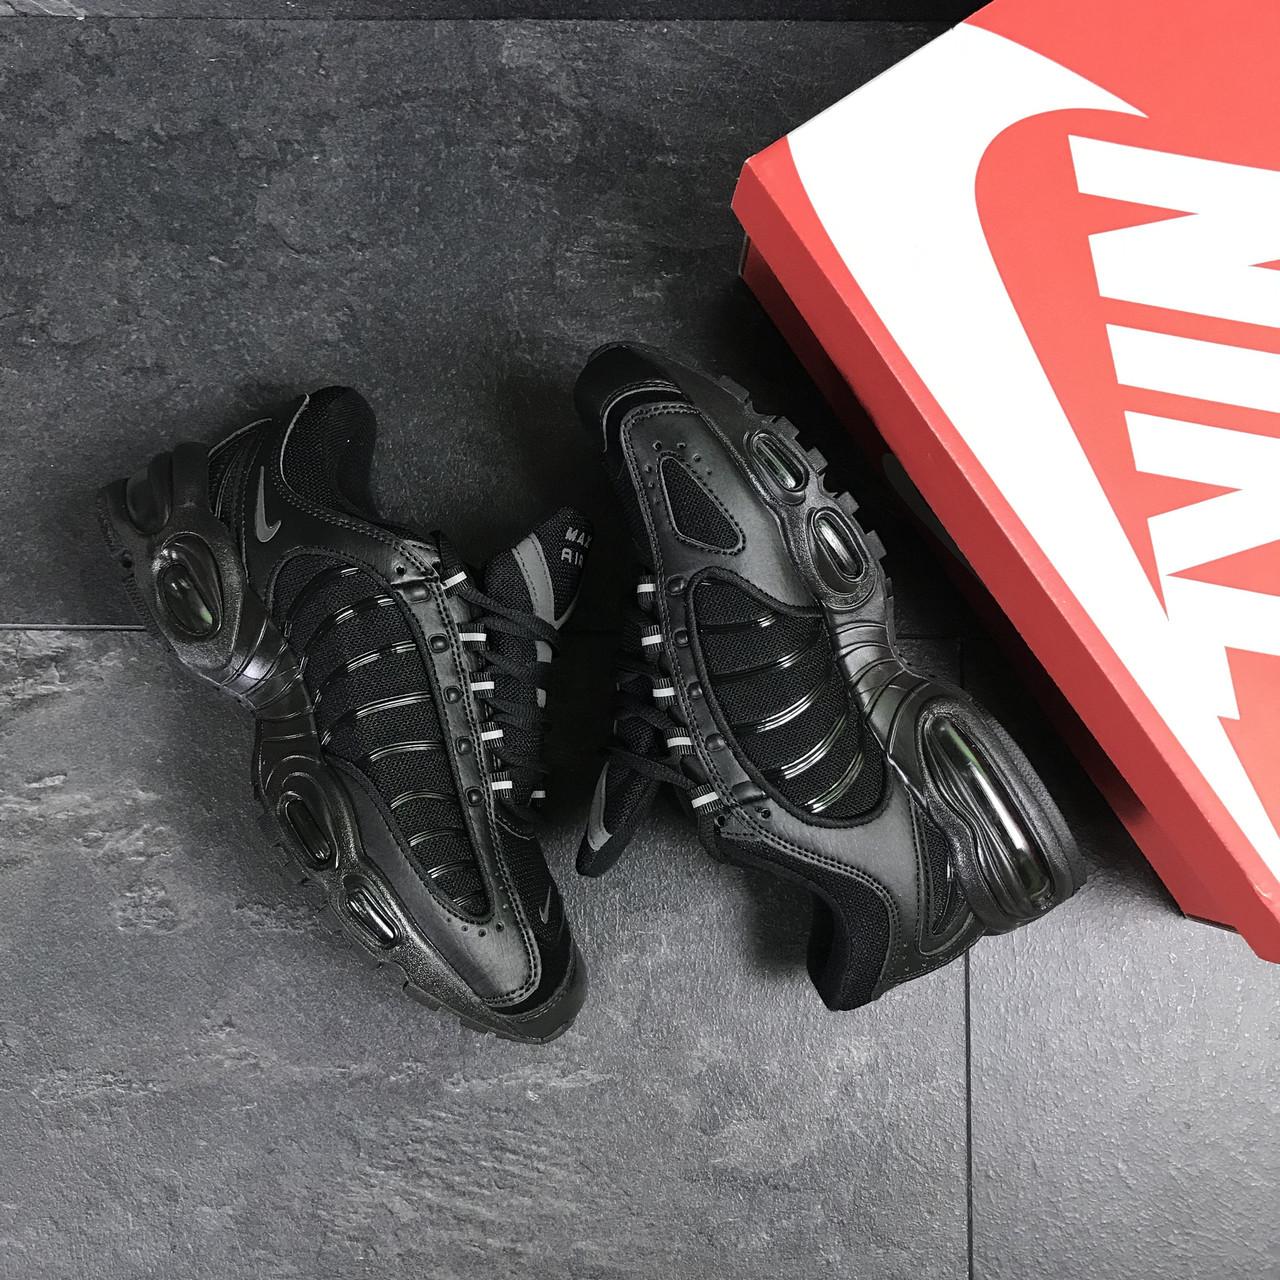 7d60ee9d Мужские кроссовки Nike Air Max черные ( Реплика ААА+) - купить по ...